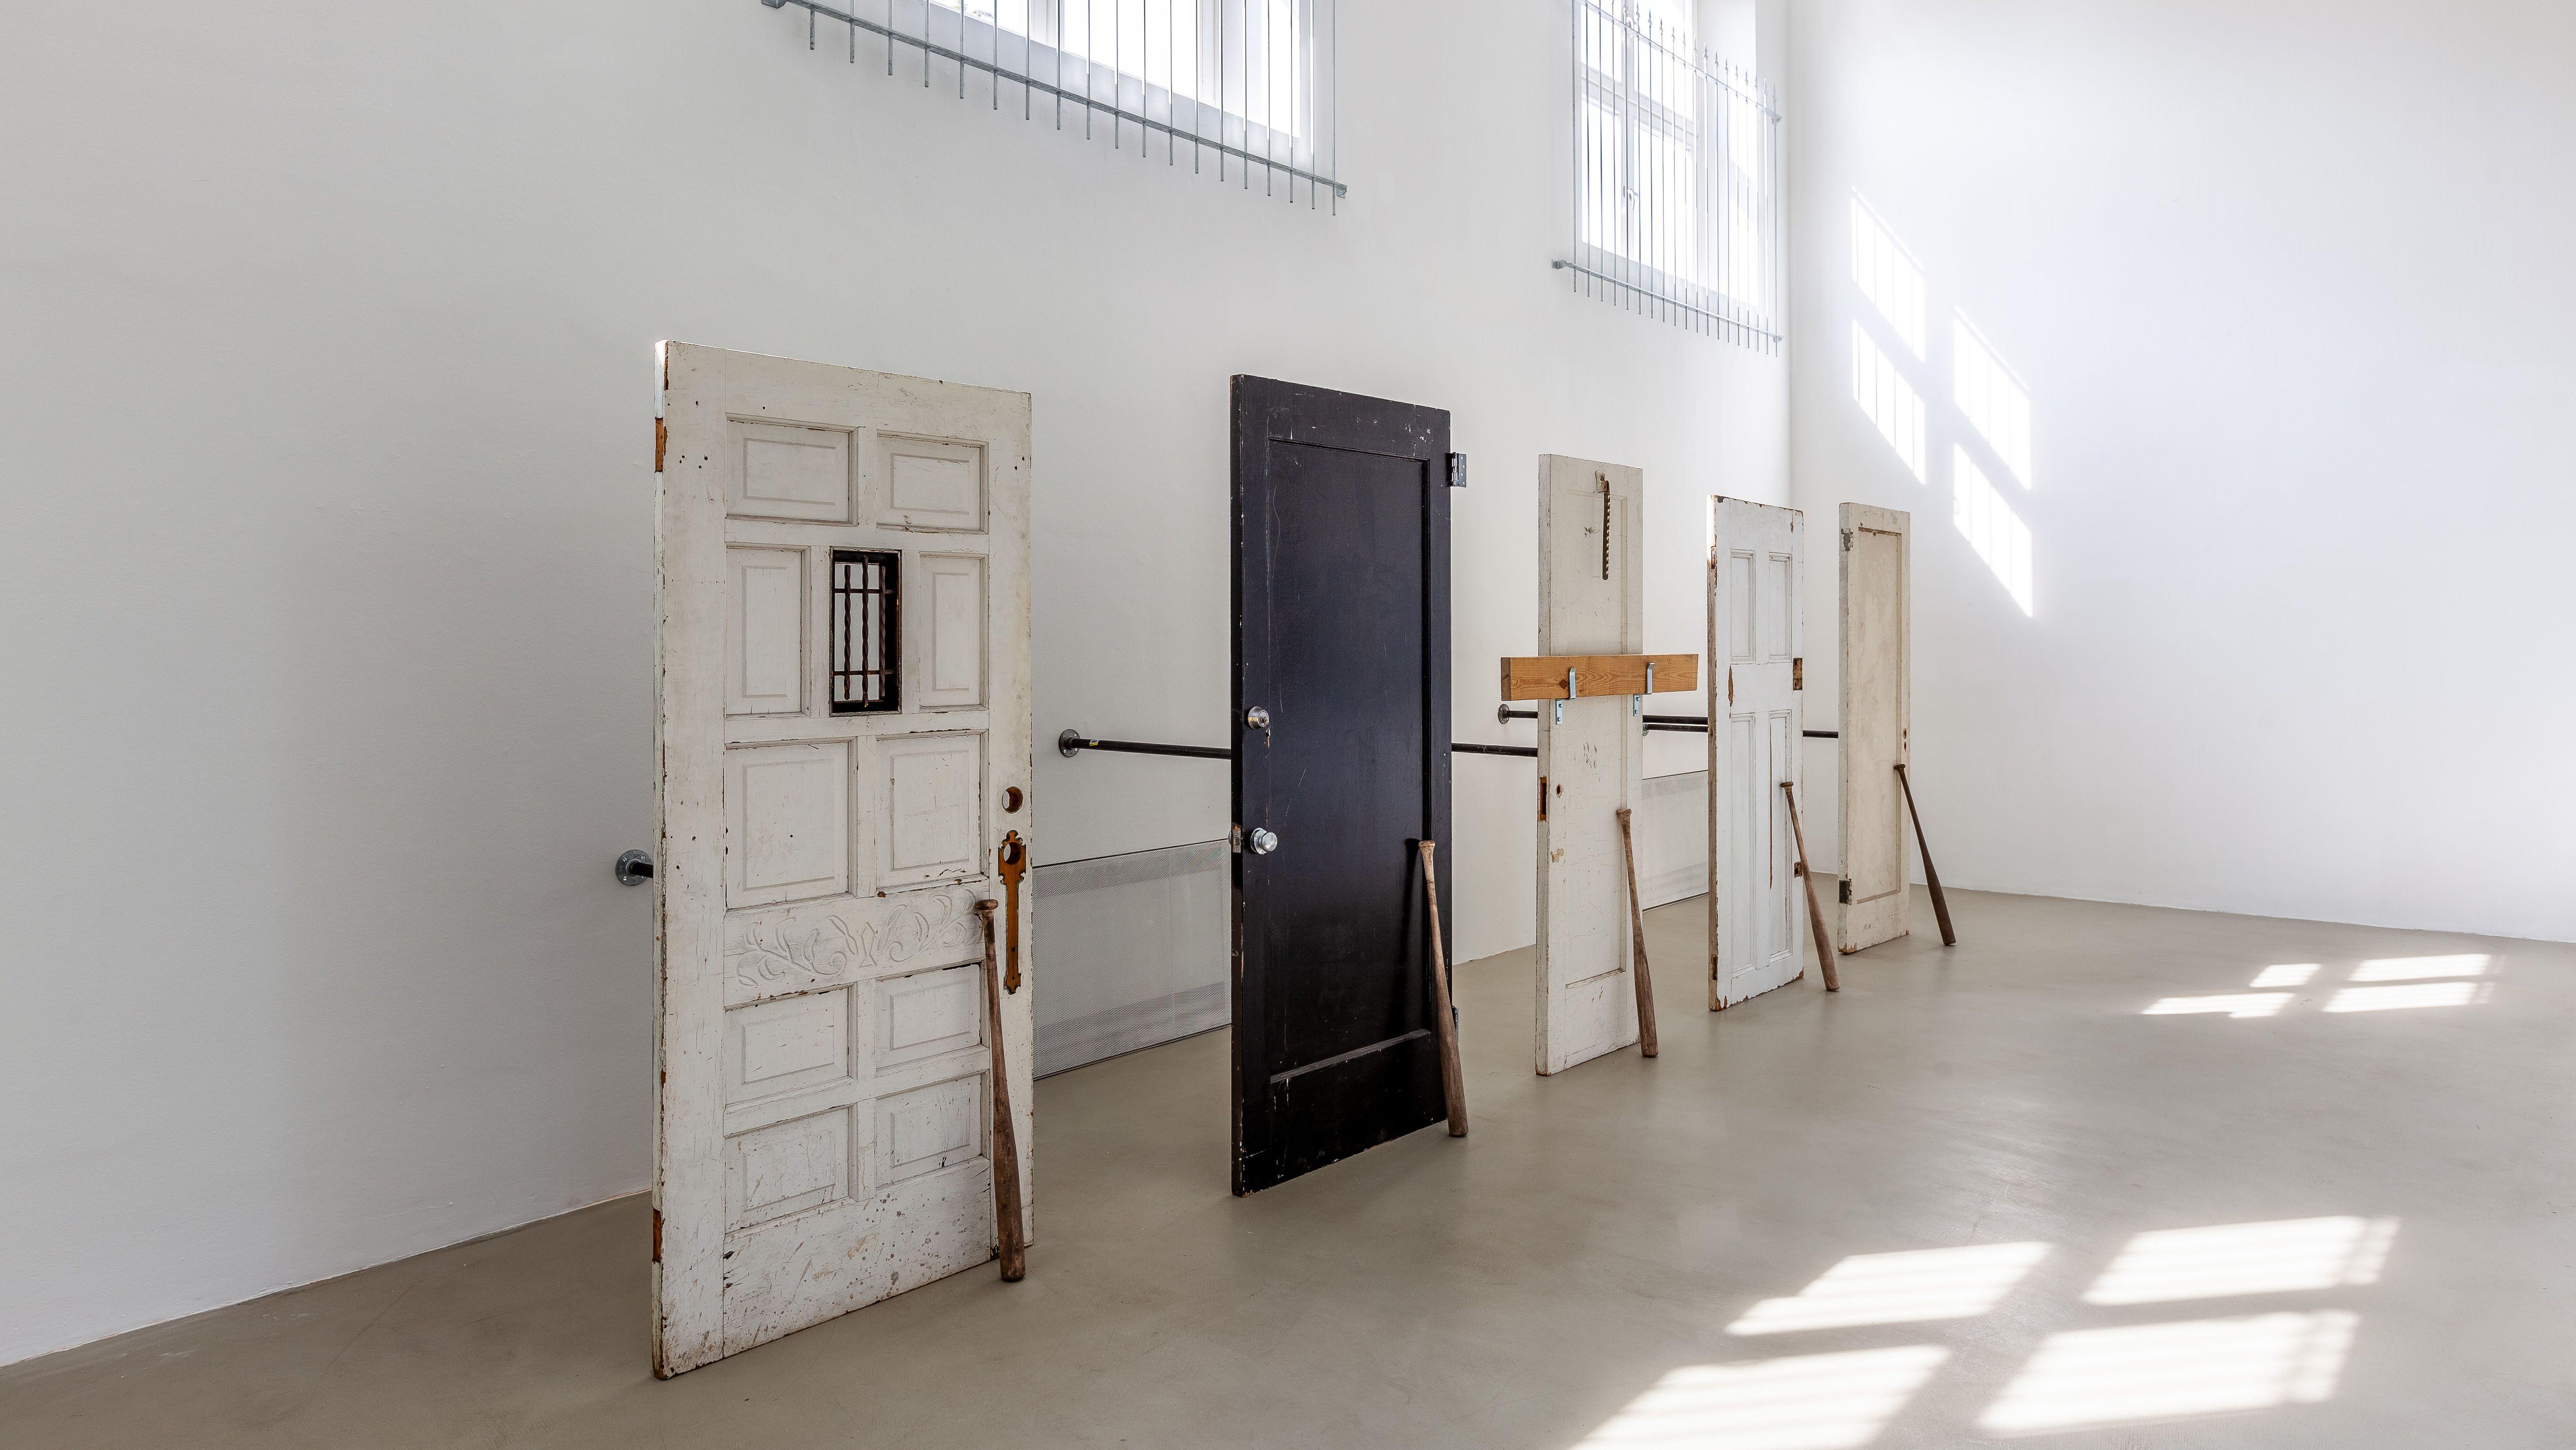 Installationsansicht/ installation view of Wall Sits, 2019 at Kunstverein München, Munich